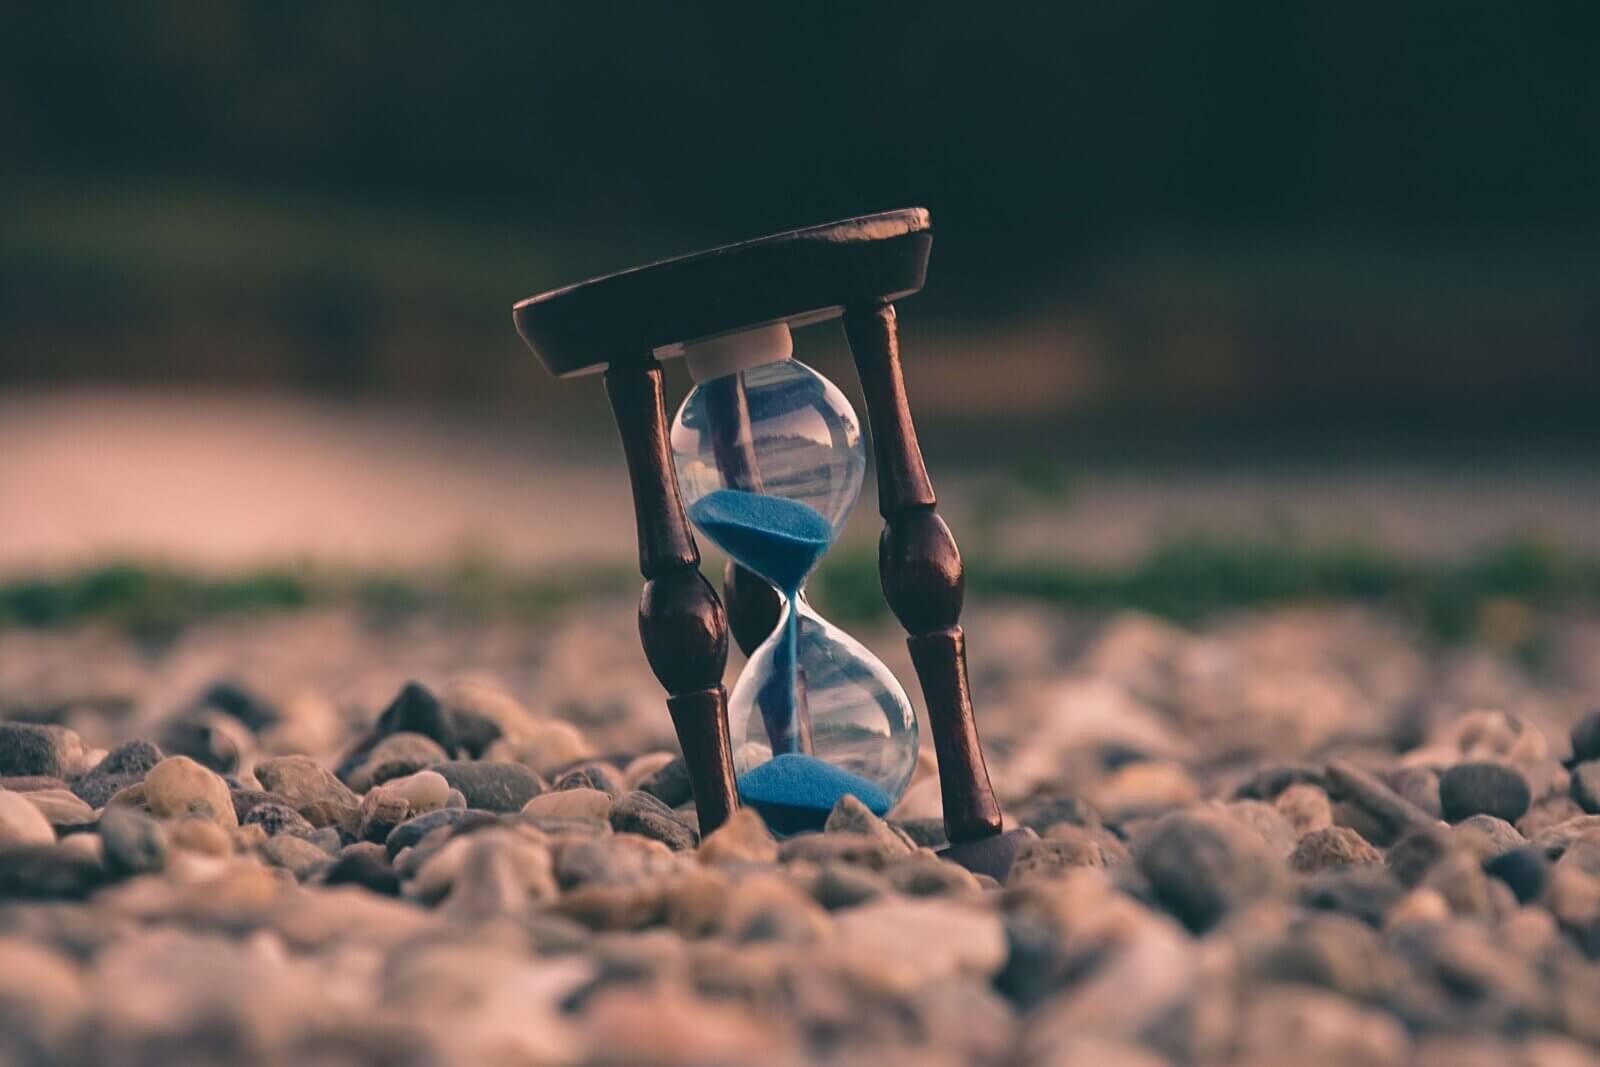 Подработка в свободное время: кем и где подработать